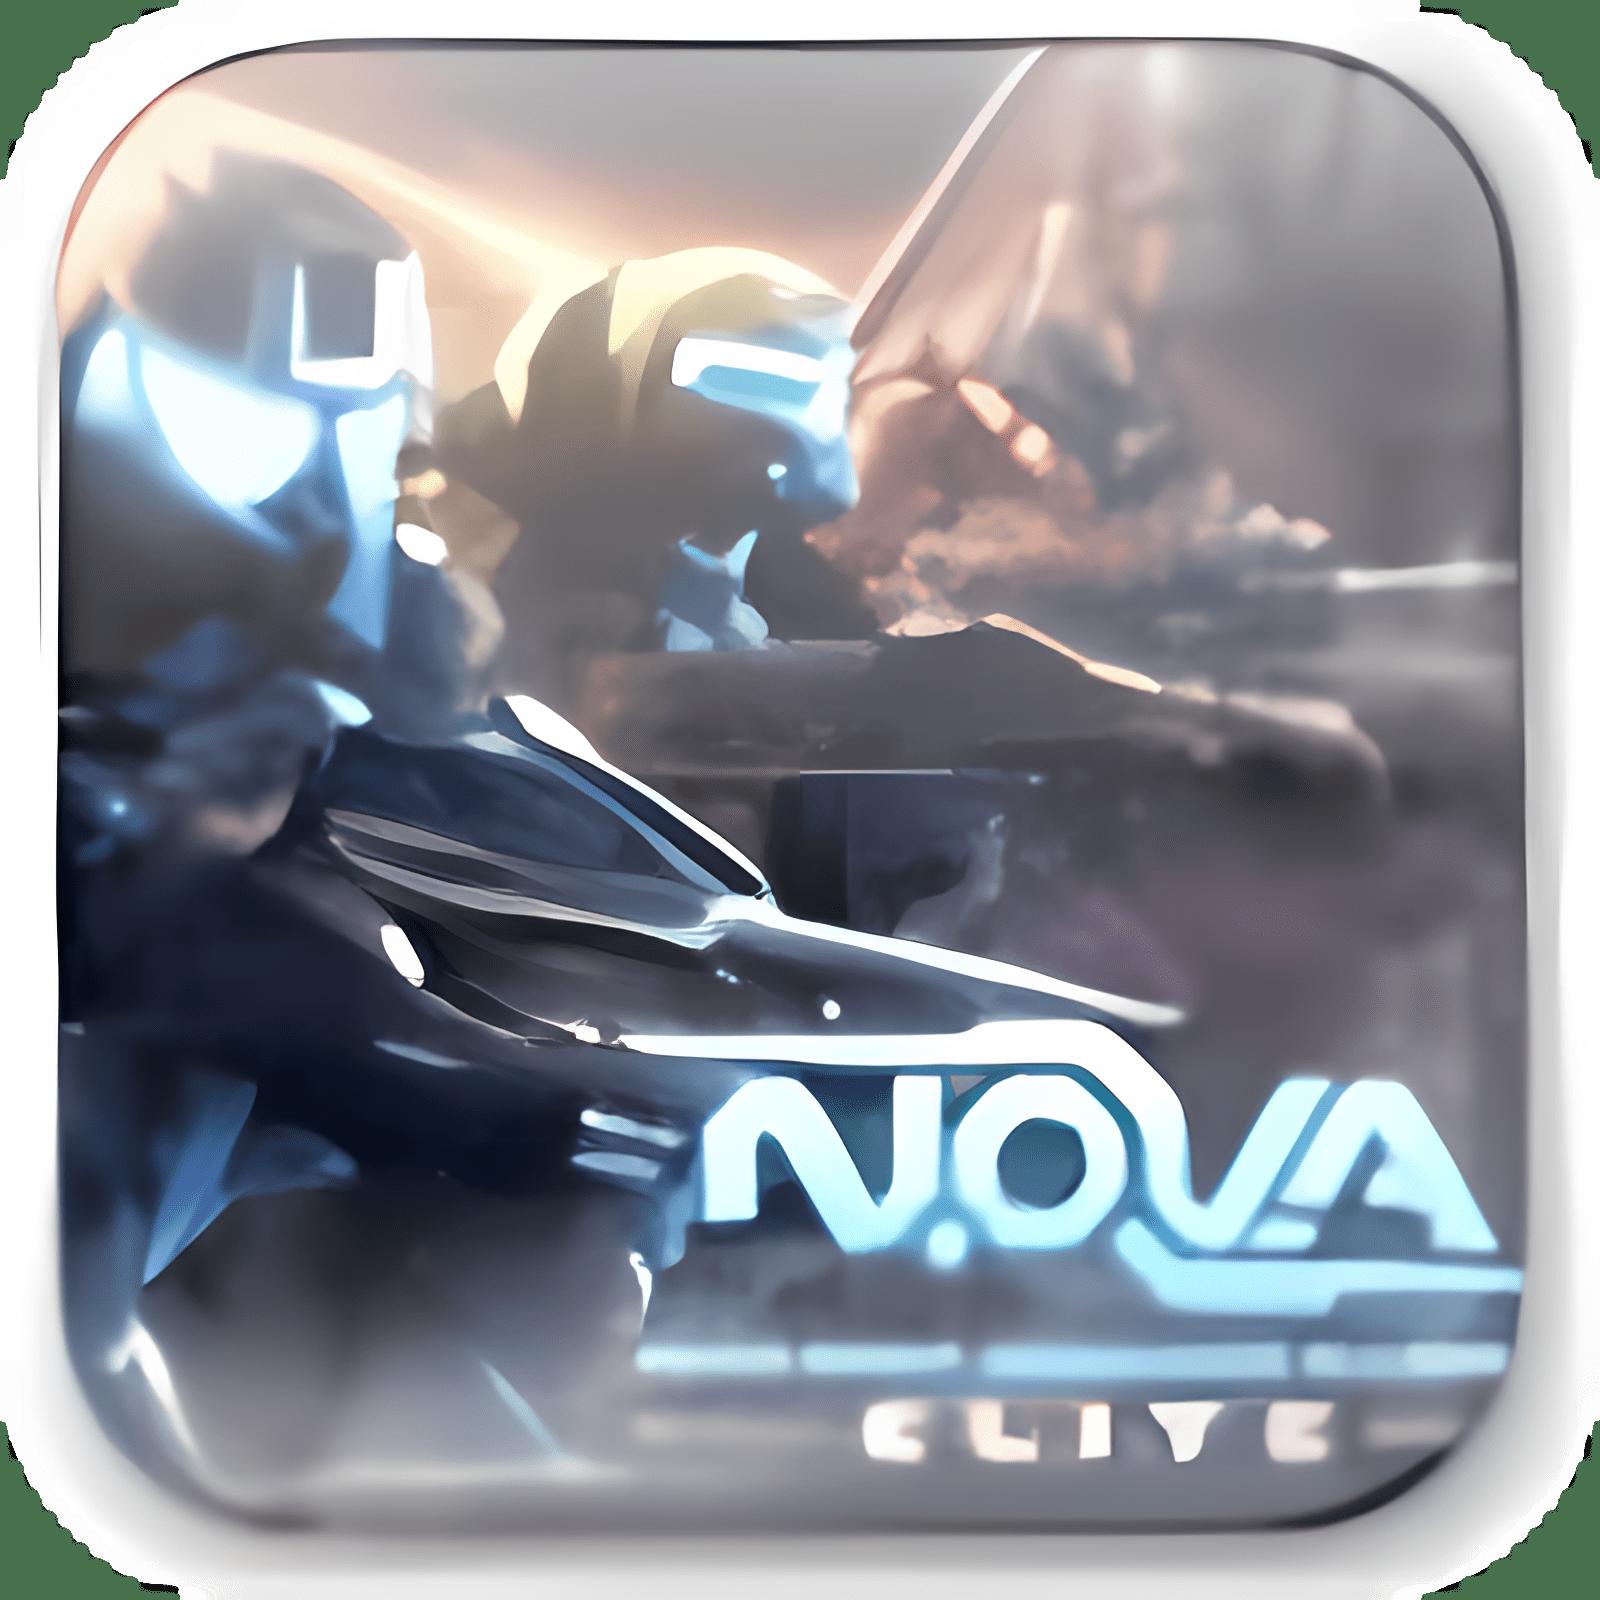 N.O.V.A. Elite